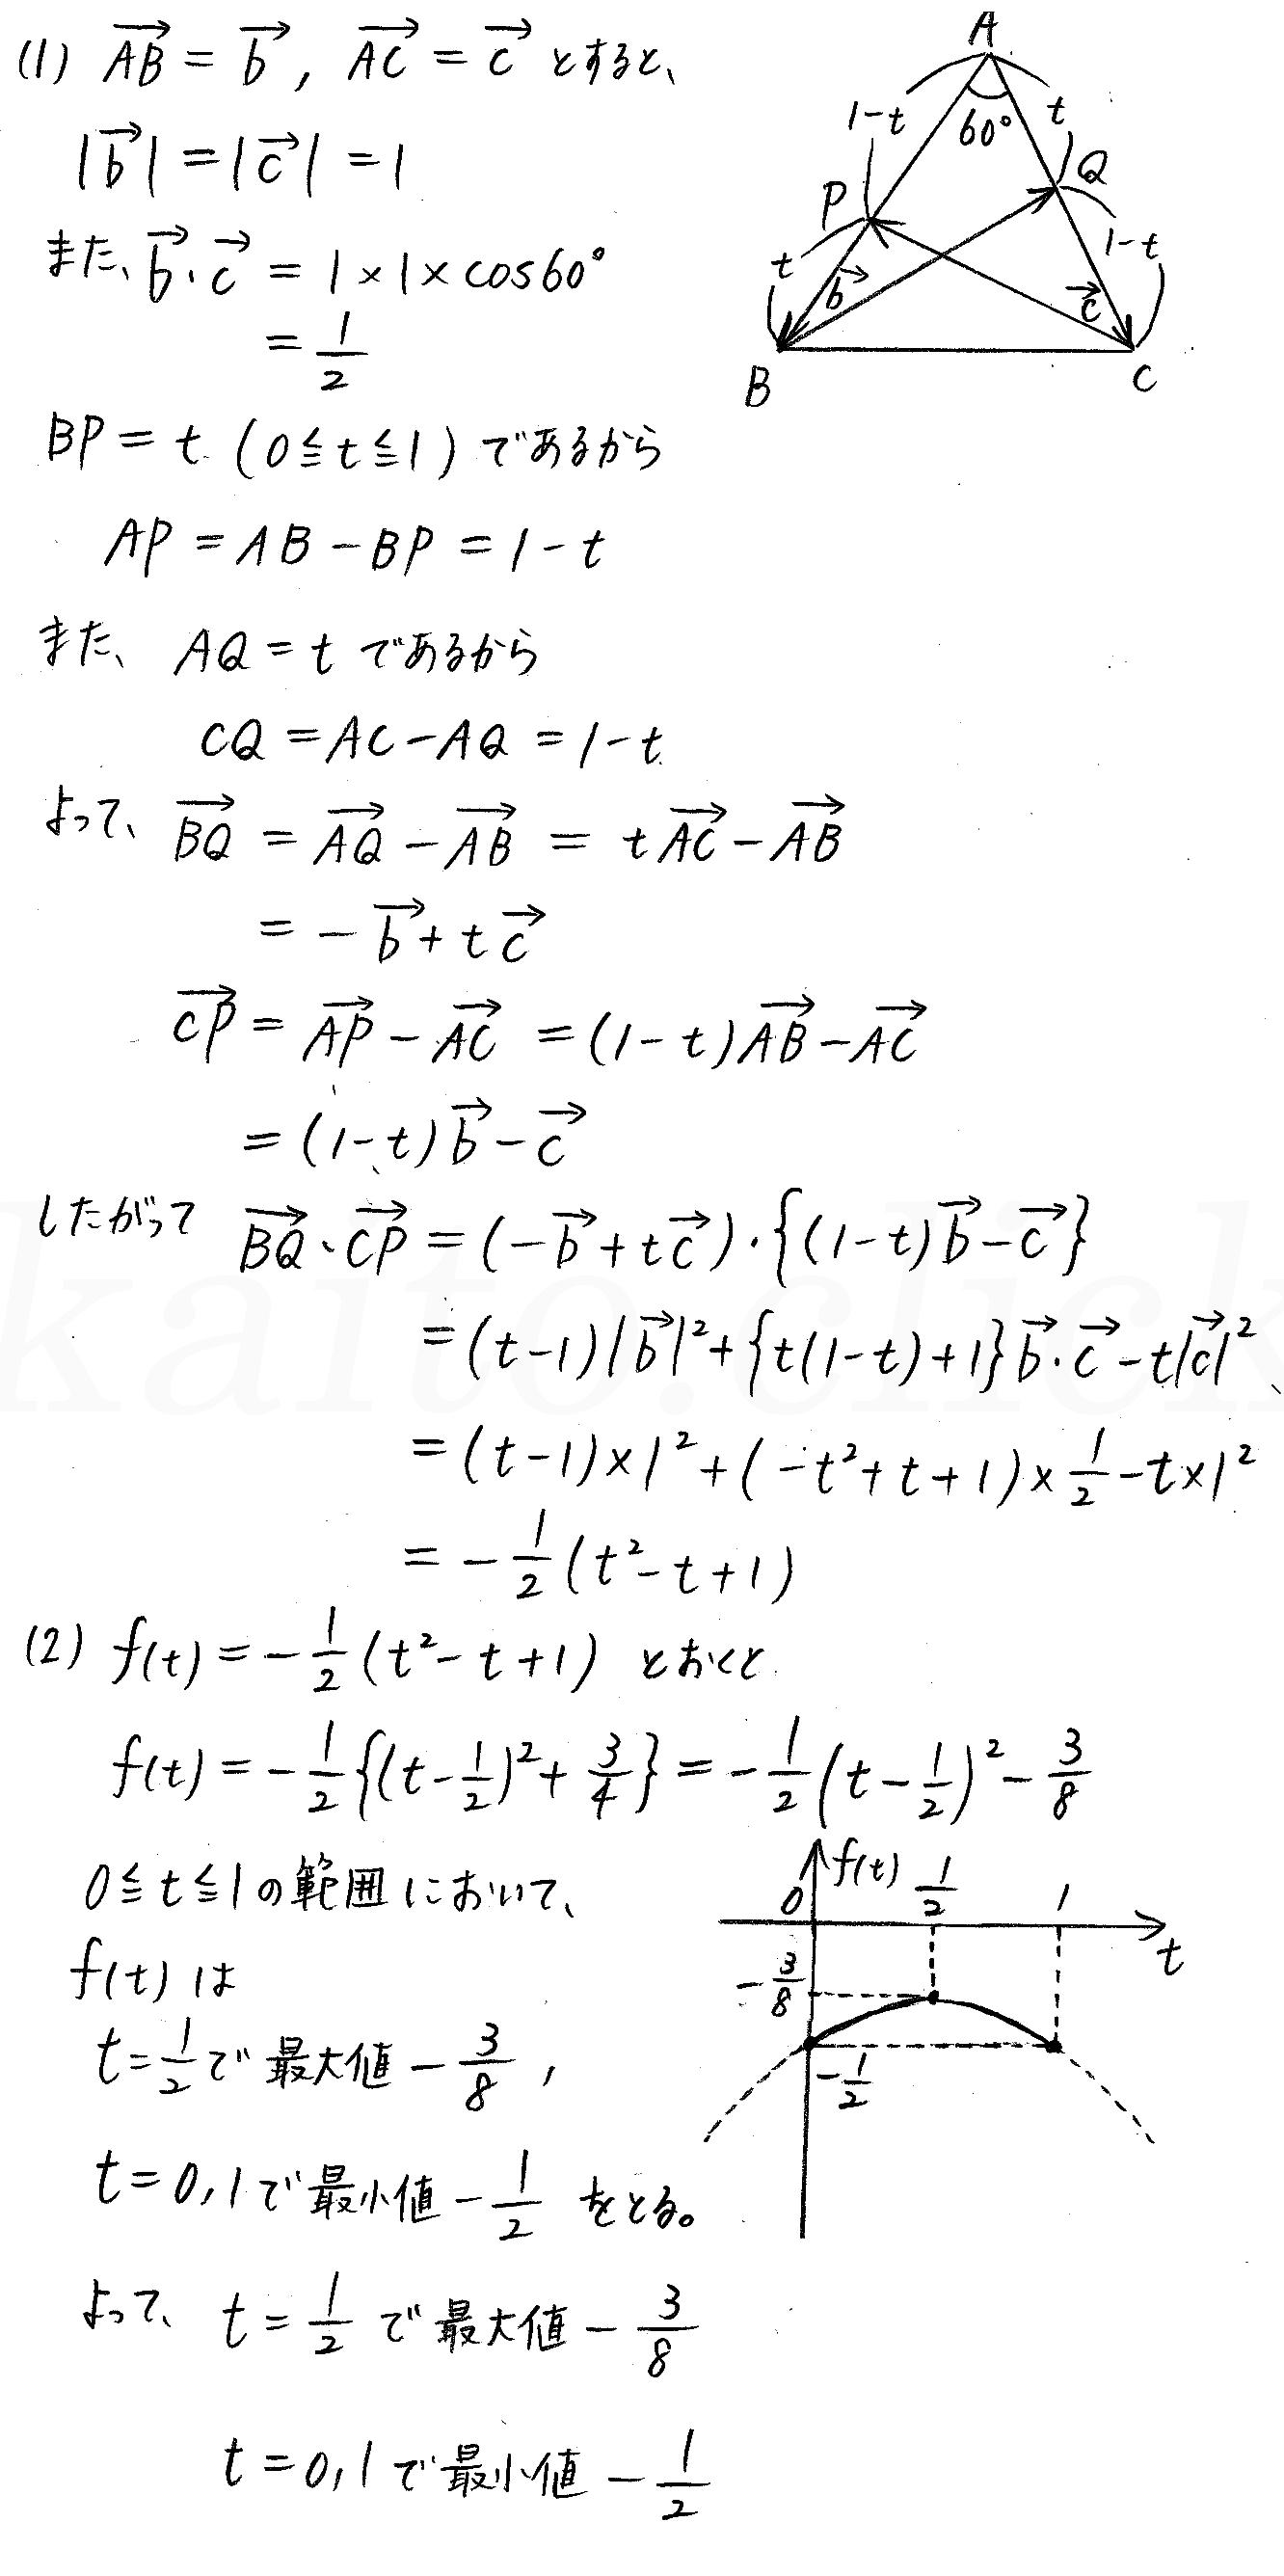 クリアー数学B-80解答